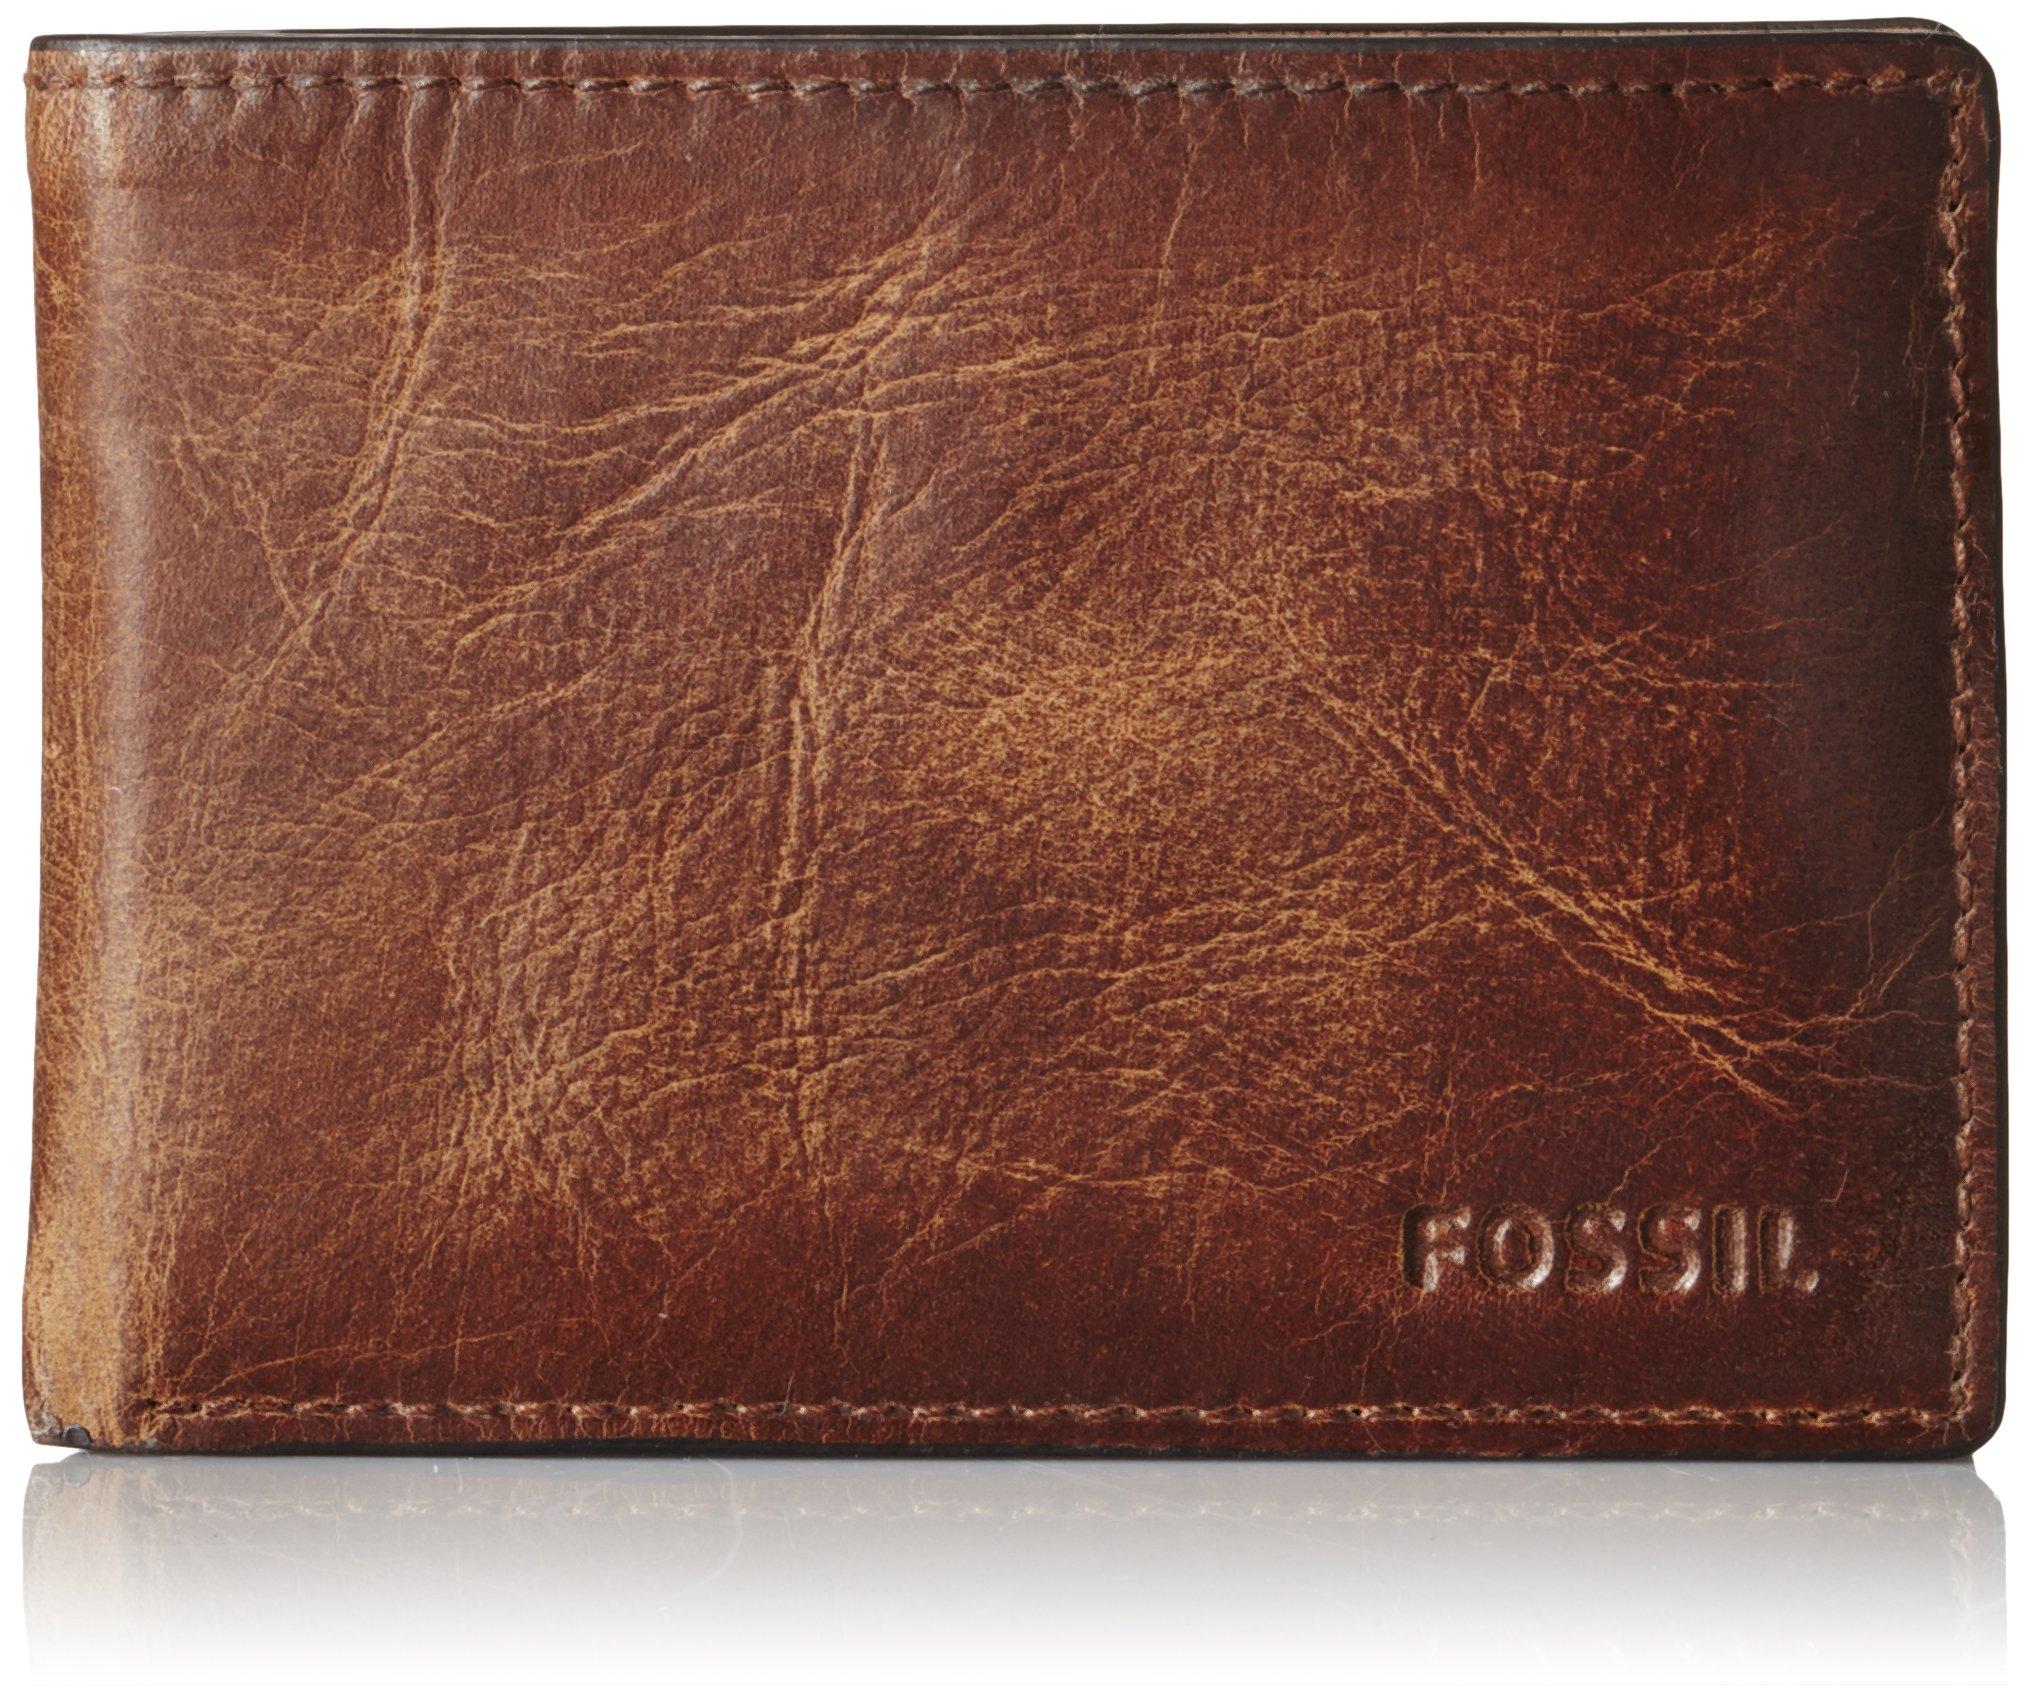 Fossil Men's Derrick Leather Front Pocket Bifold Wallet